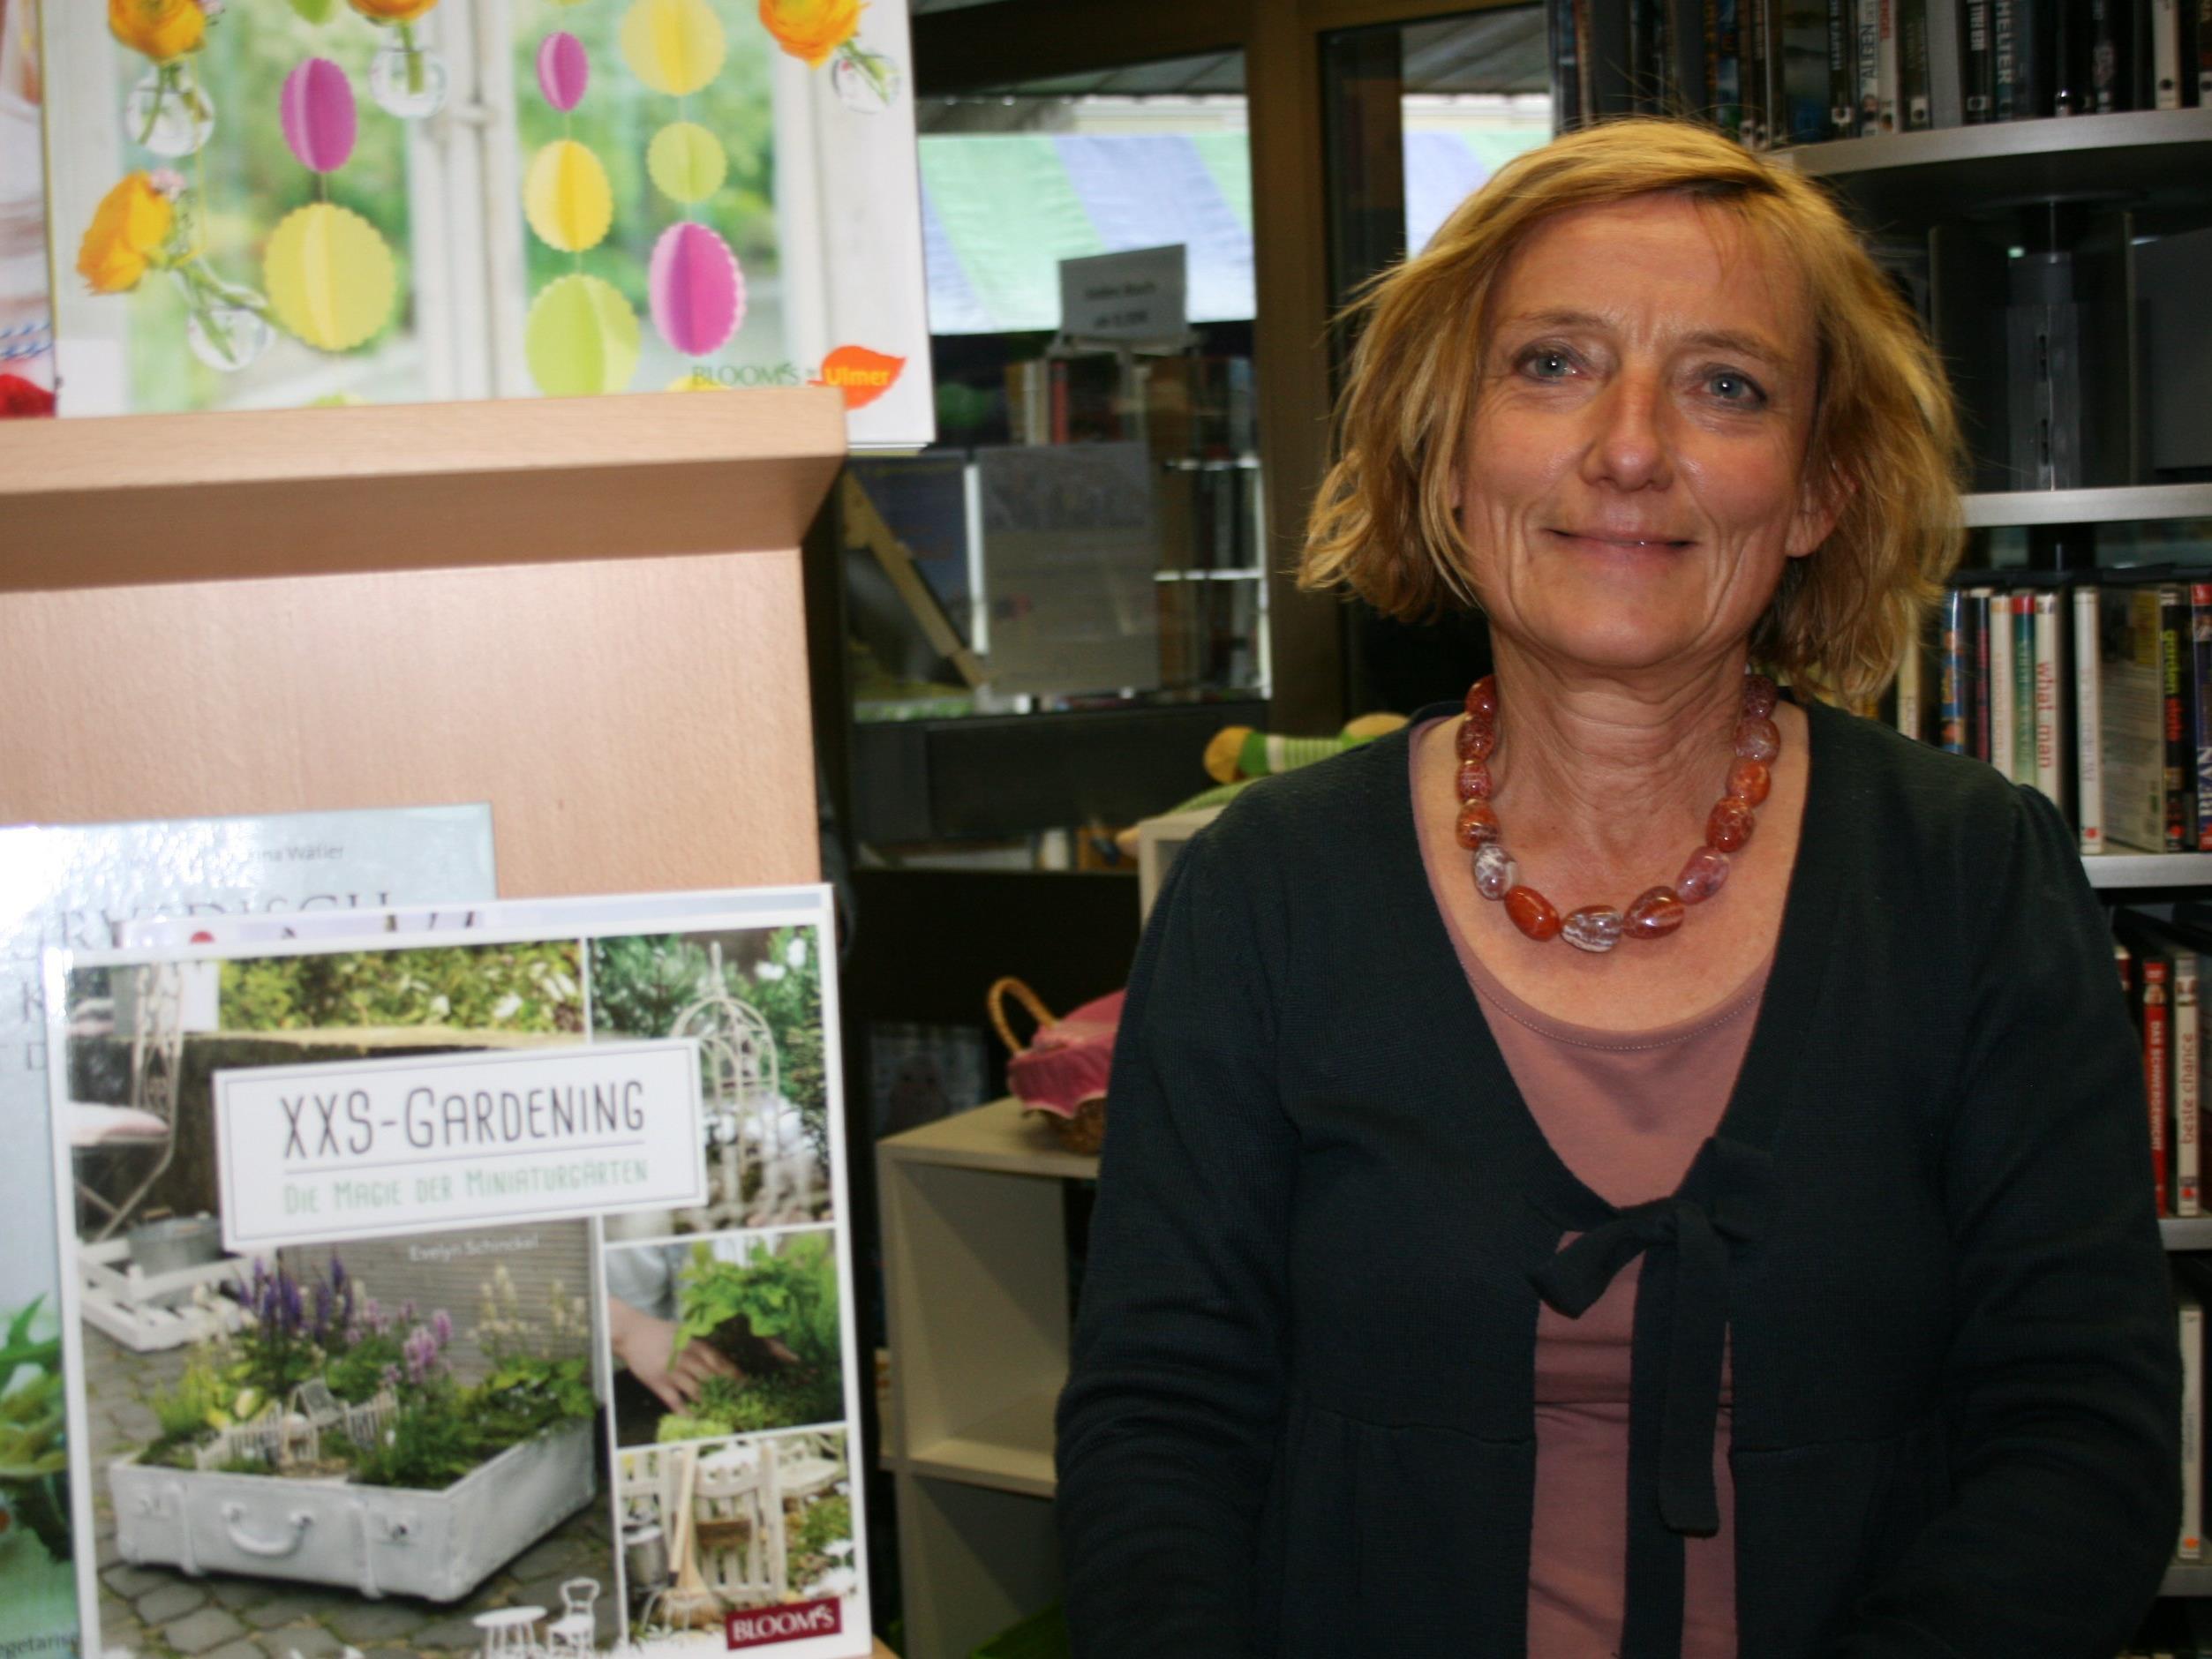 Bibliotheksleiterin Maria Berloffa freut sich über das rege Interesse.